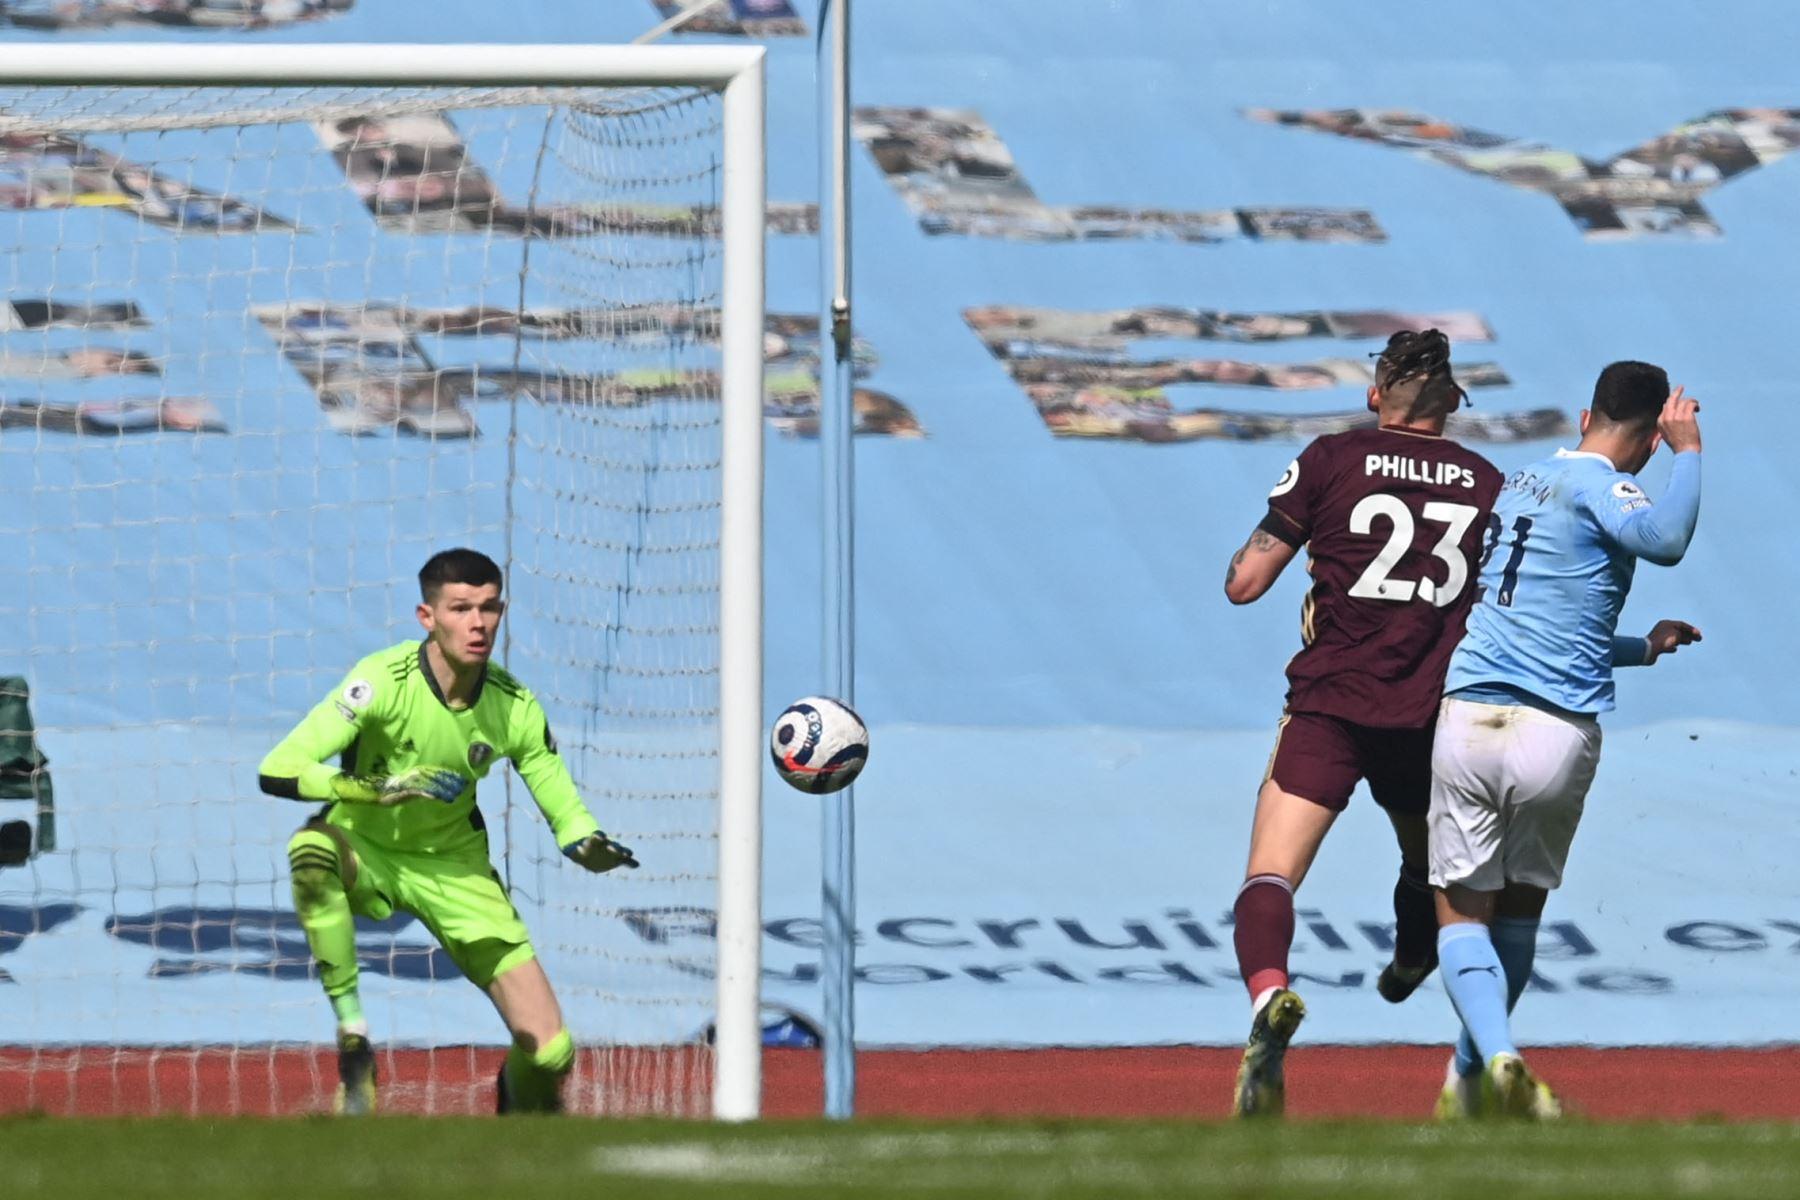 El centrocampista español del Manchester City Ferran Torres  marca un gol durante el partido de fútbol de la Premier League inglesa entre el Manchester City y el Leeds United. Foto: AFP